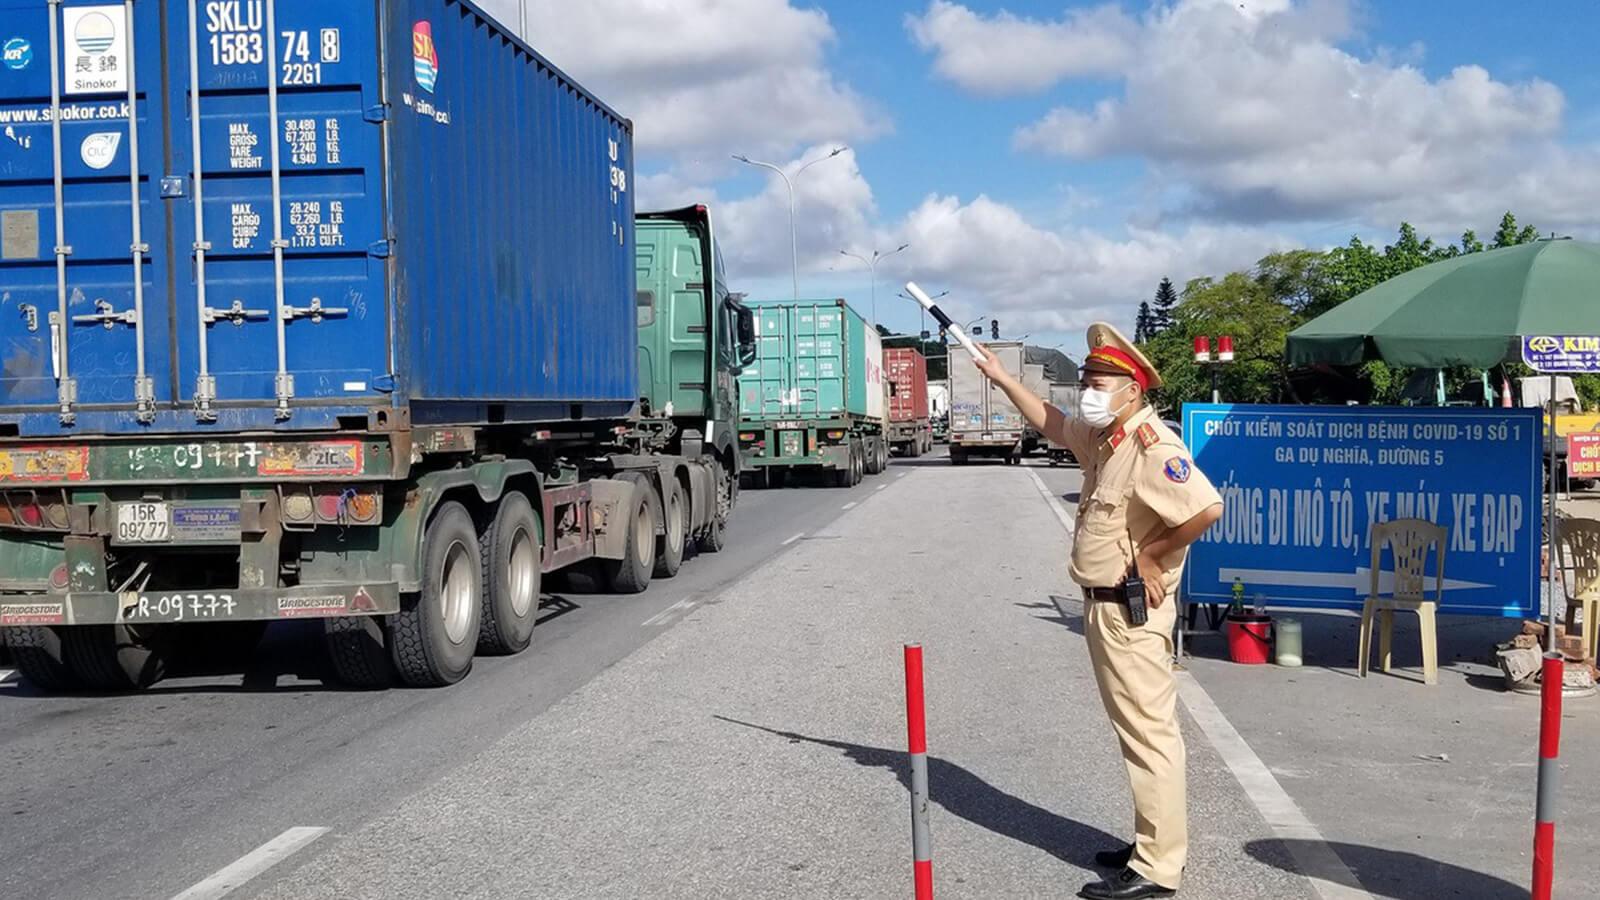 Xe tải chở hàng hóa lưu thông thế nào khi giãn cách 19 tỉnh, thành phía Nam